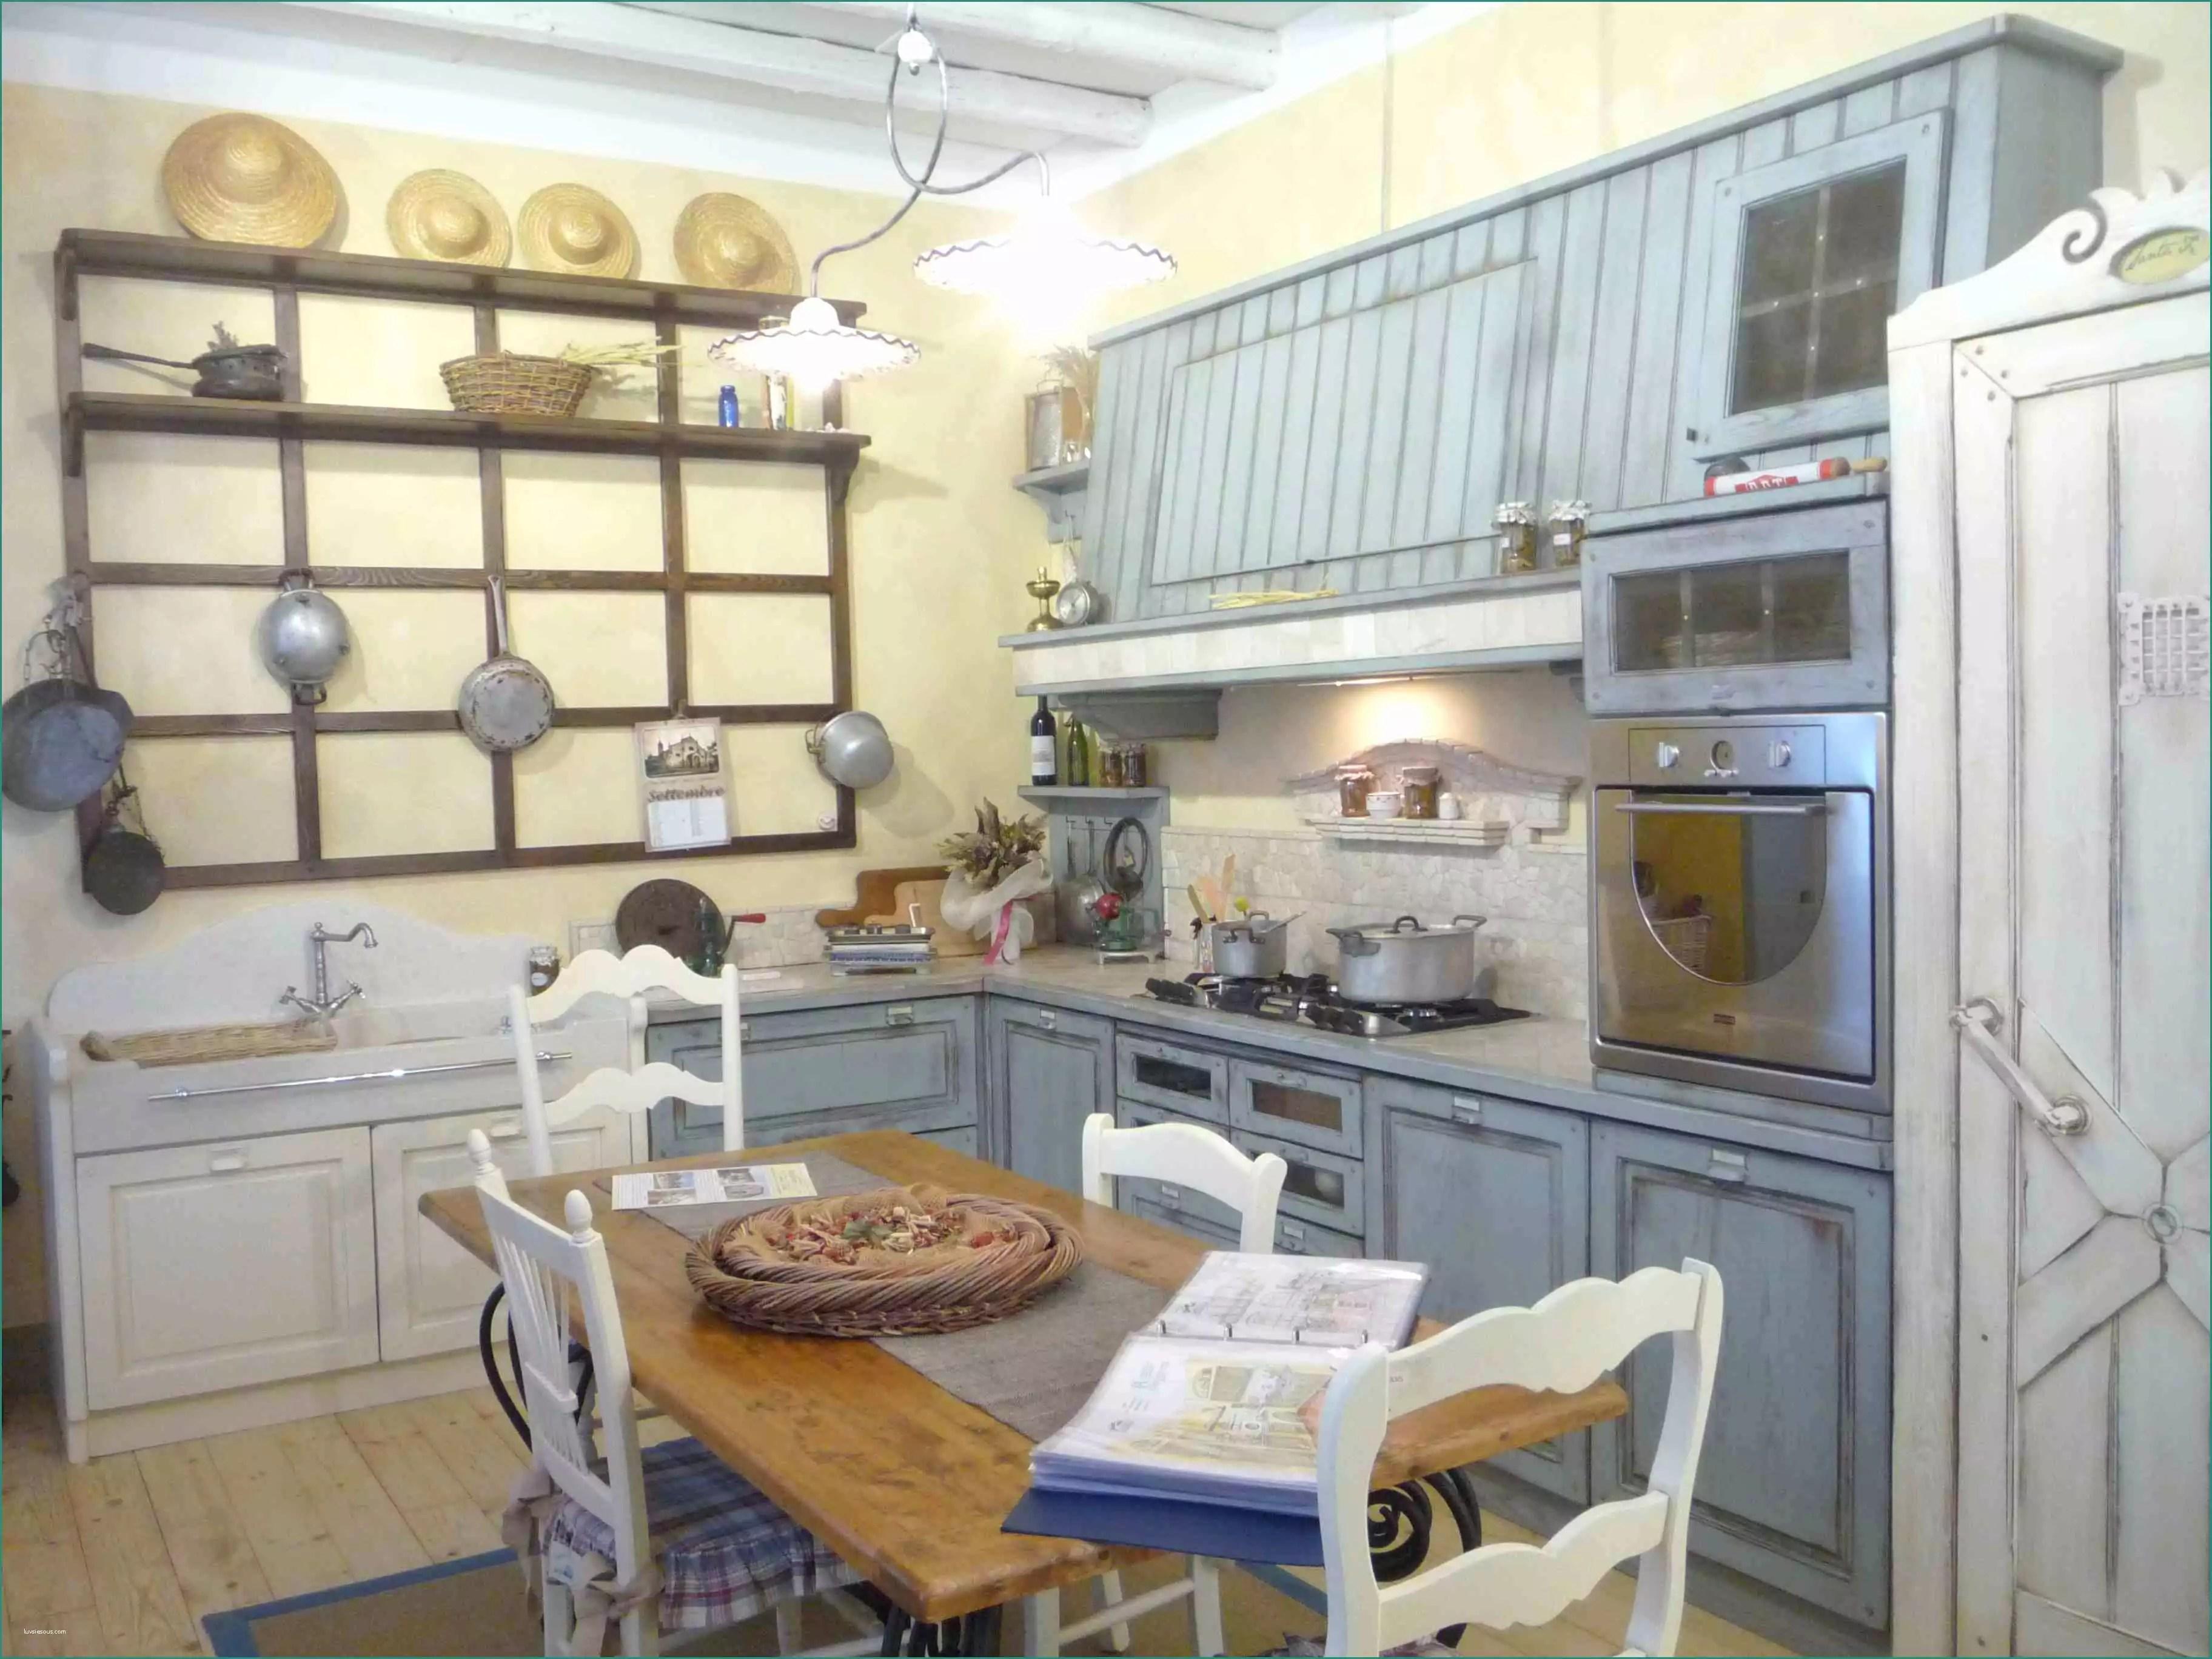 Cucina Snaidero Prezzi - Idee di design decorativo per ...